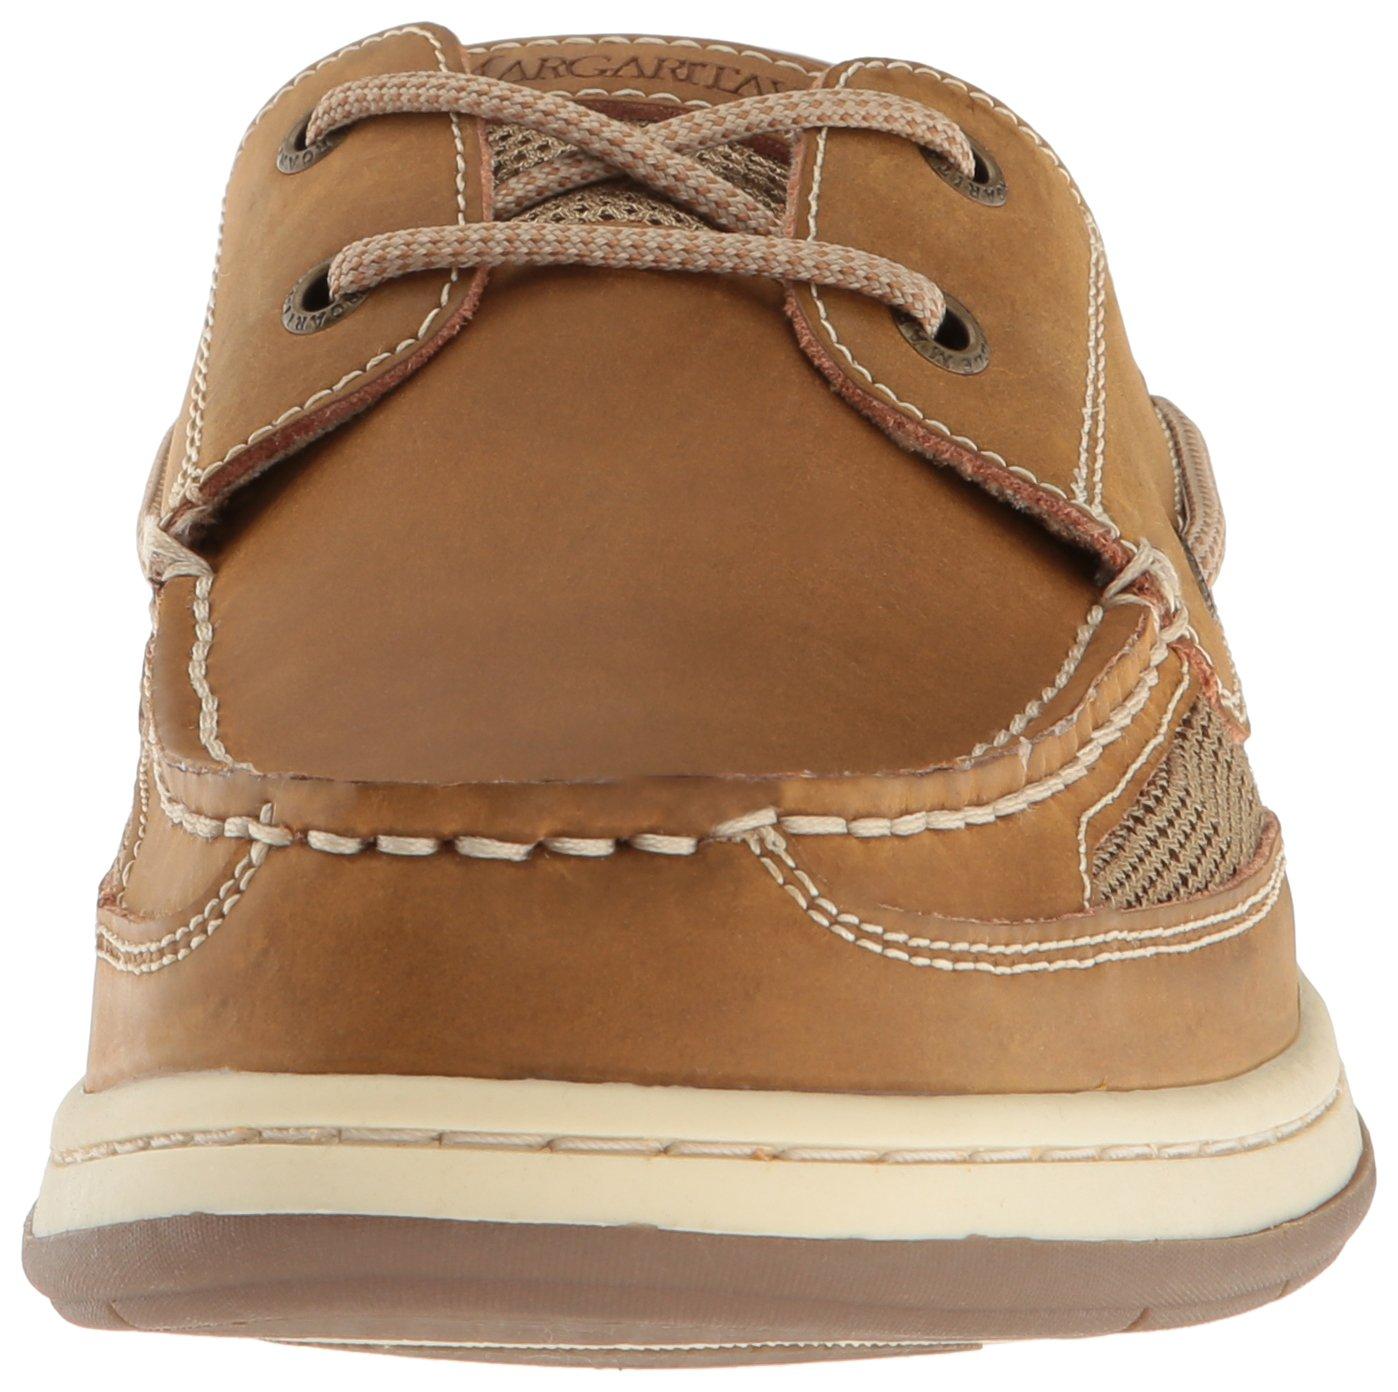 Margaritaville Men/'s LACE UP Shoes MFM171119 LIGHT TAN